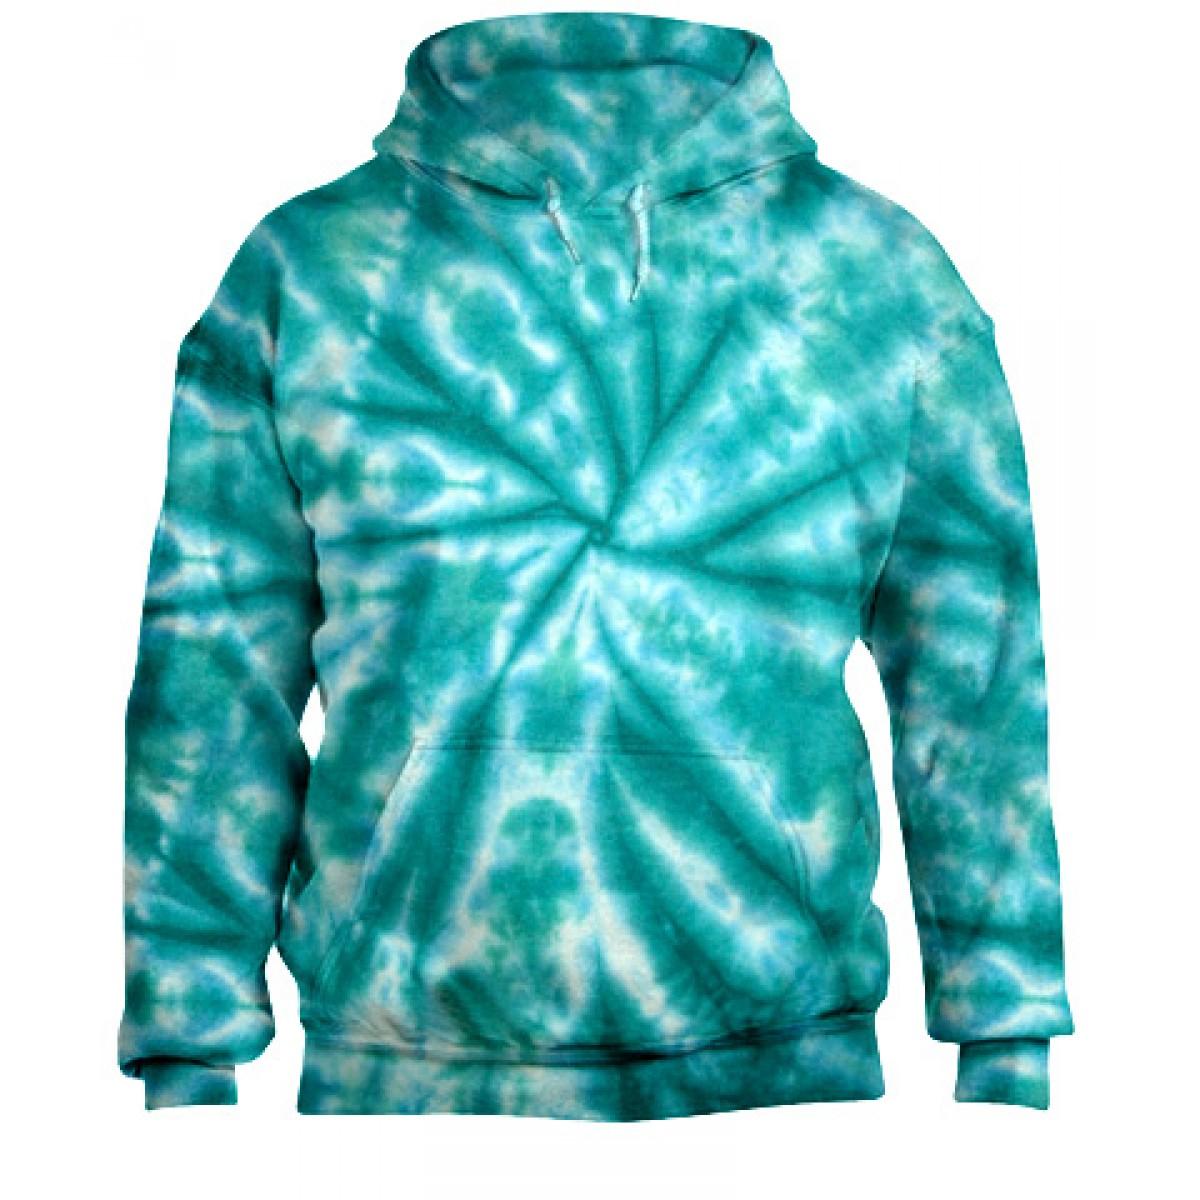 Tie-Dye Pullover Hooded Sweatshirt-Jade-M